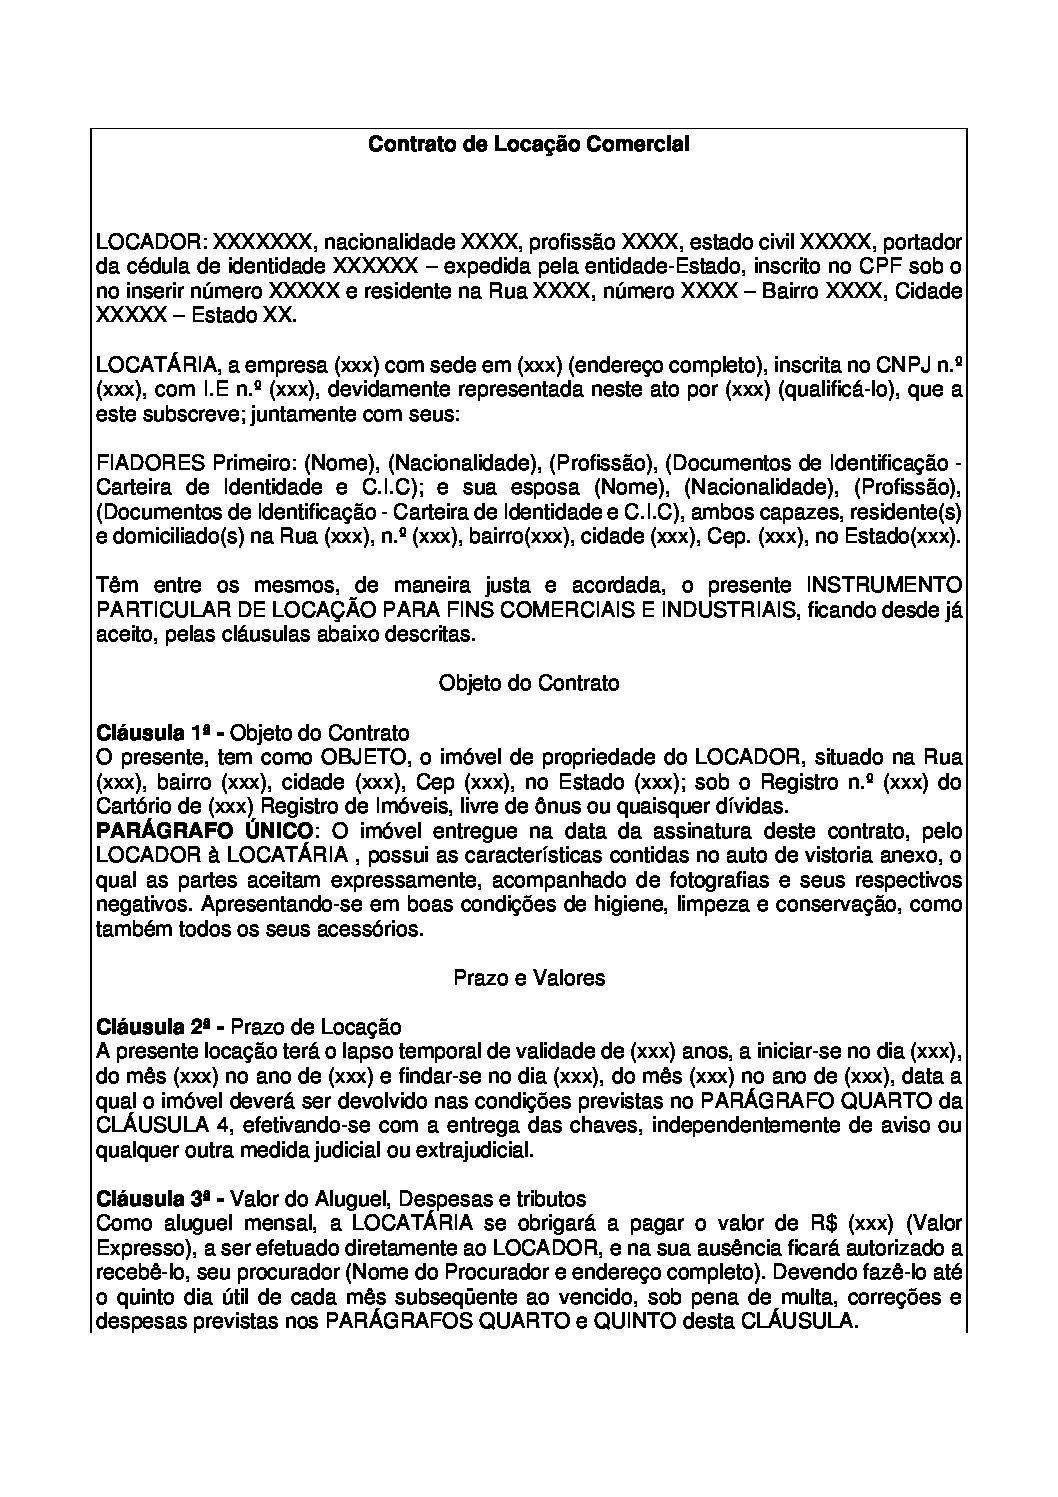 Contrato de Locação Imóvel Comercial